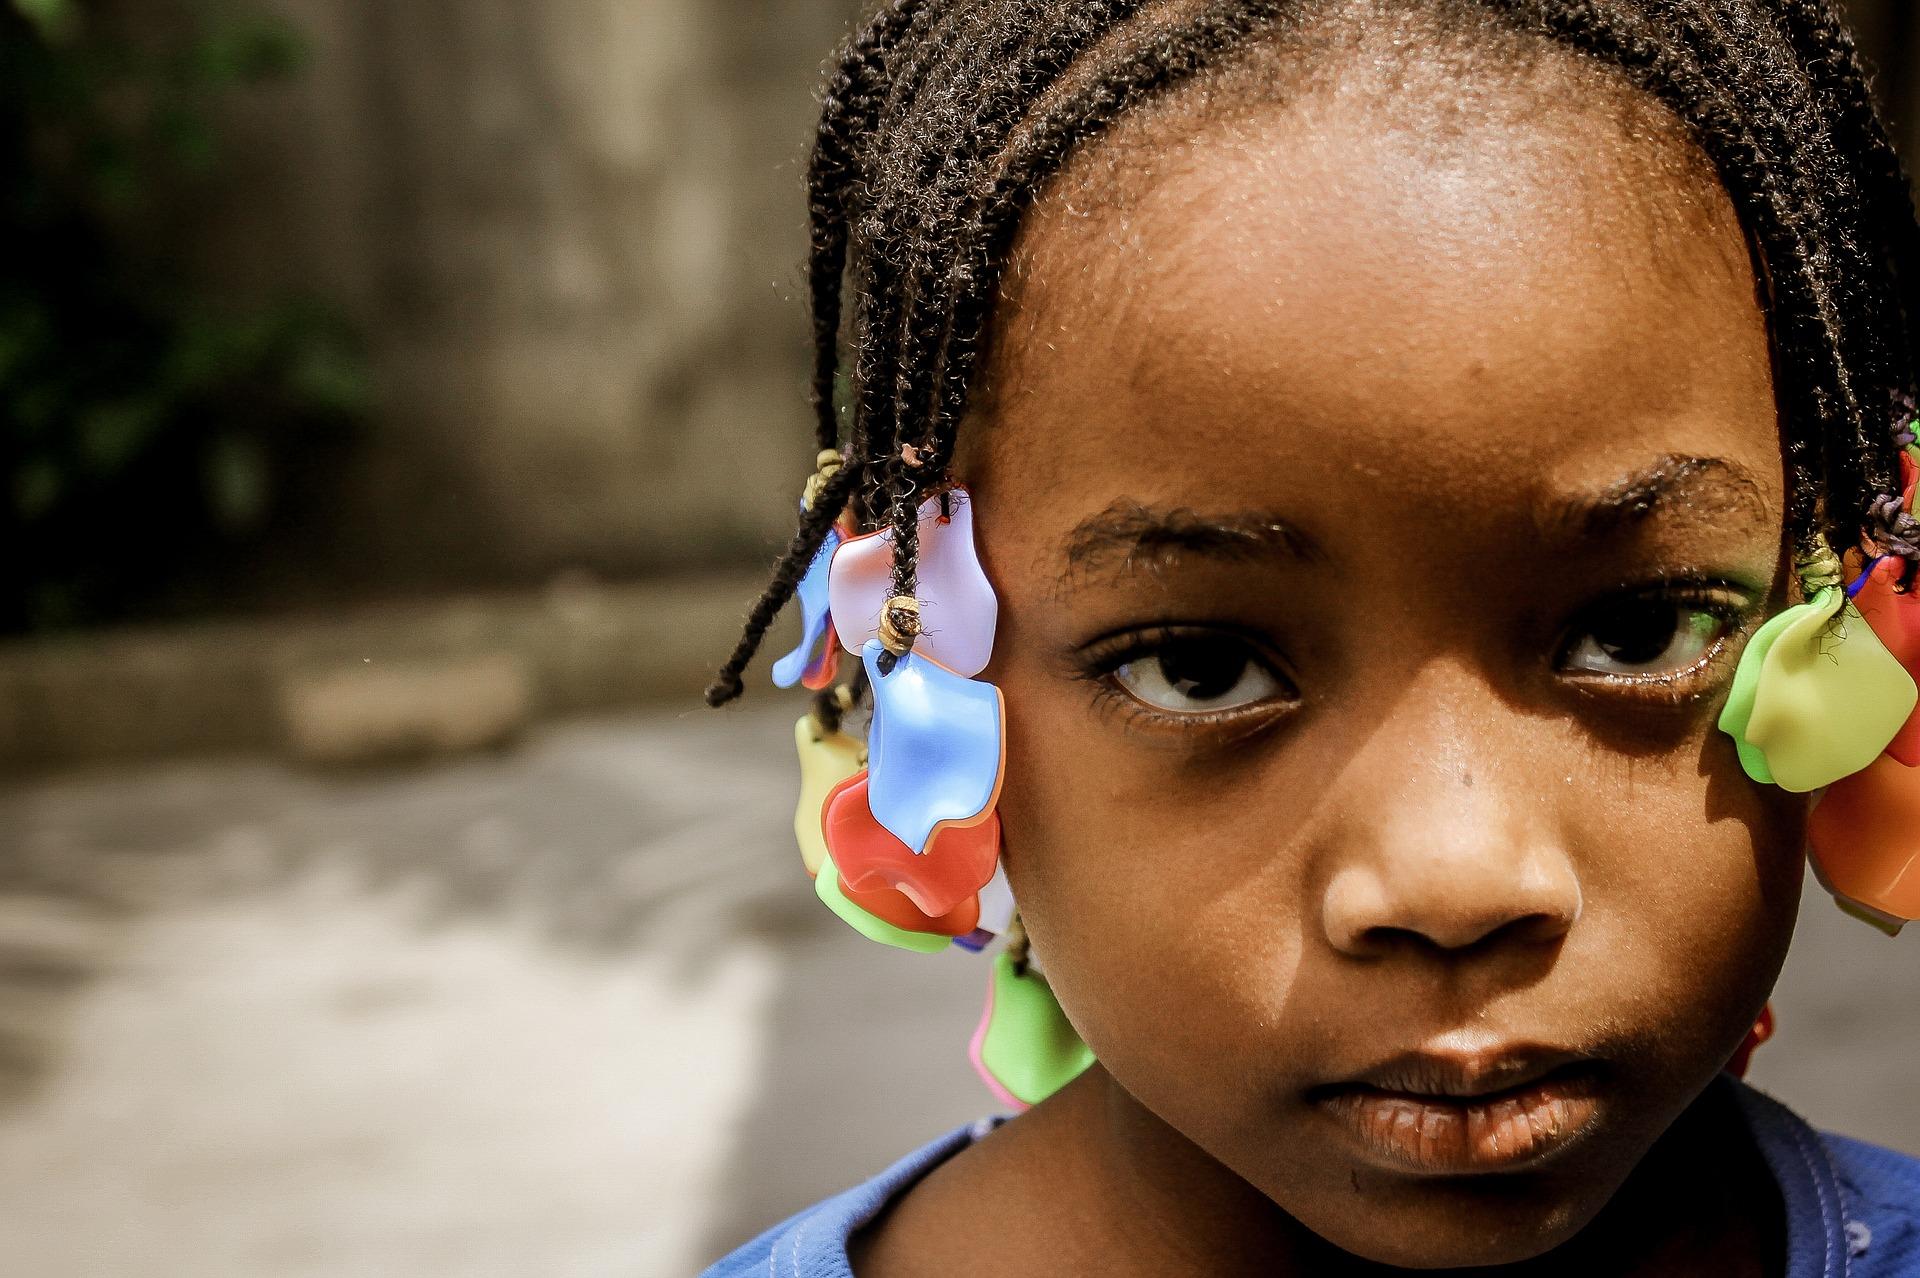 child-2093023_1920.jpg